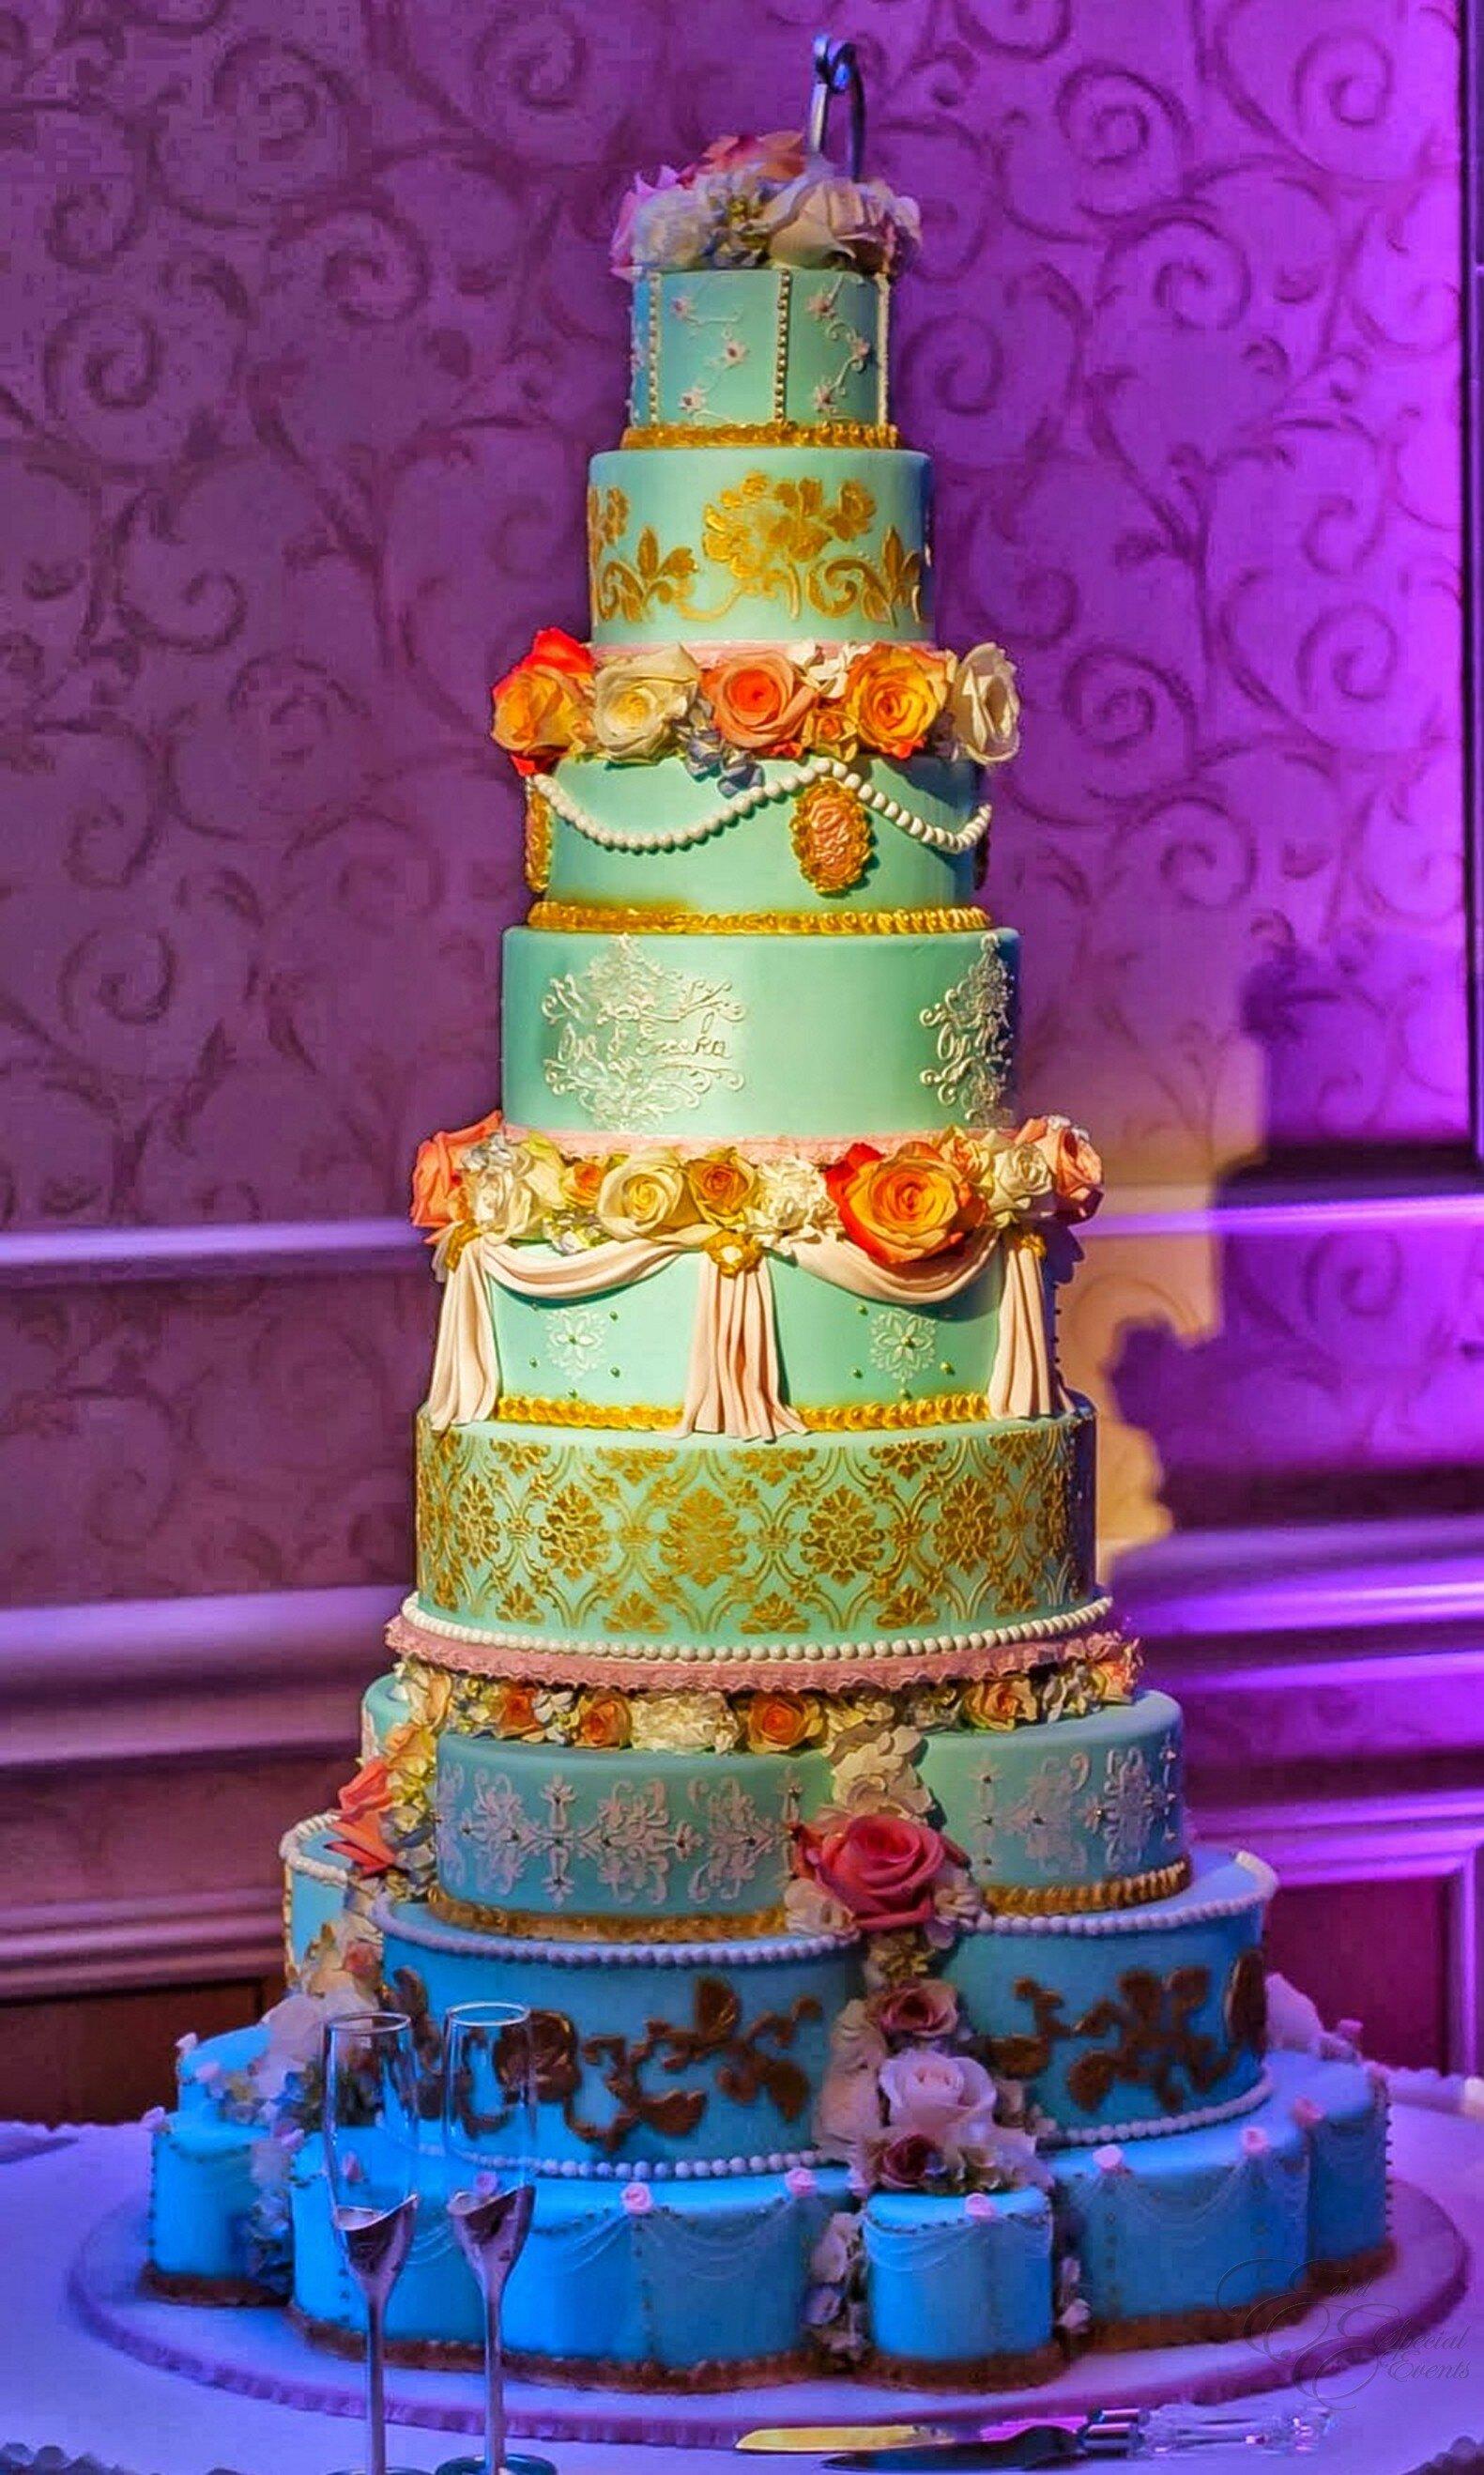 wedding_cakes_E_and_E_Special_Events_virginia_beach_54.jpg